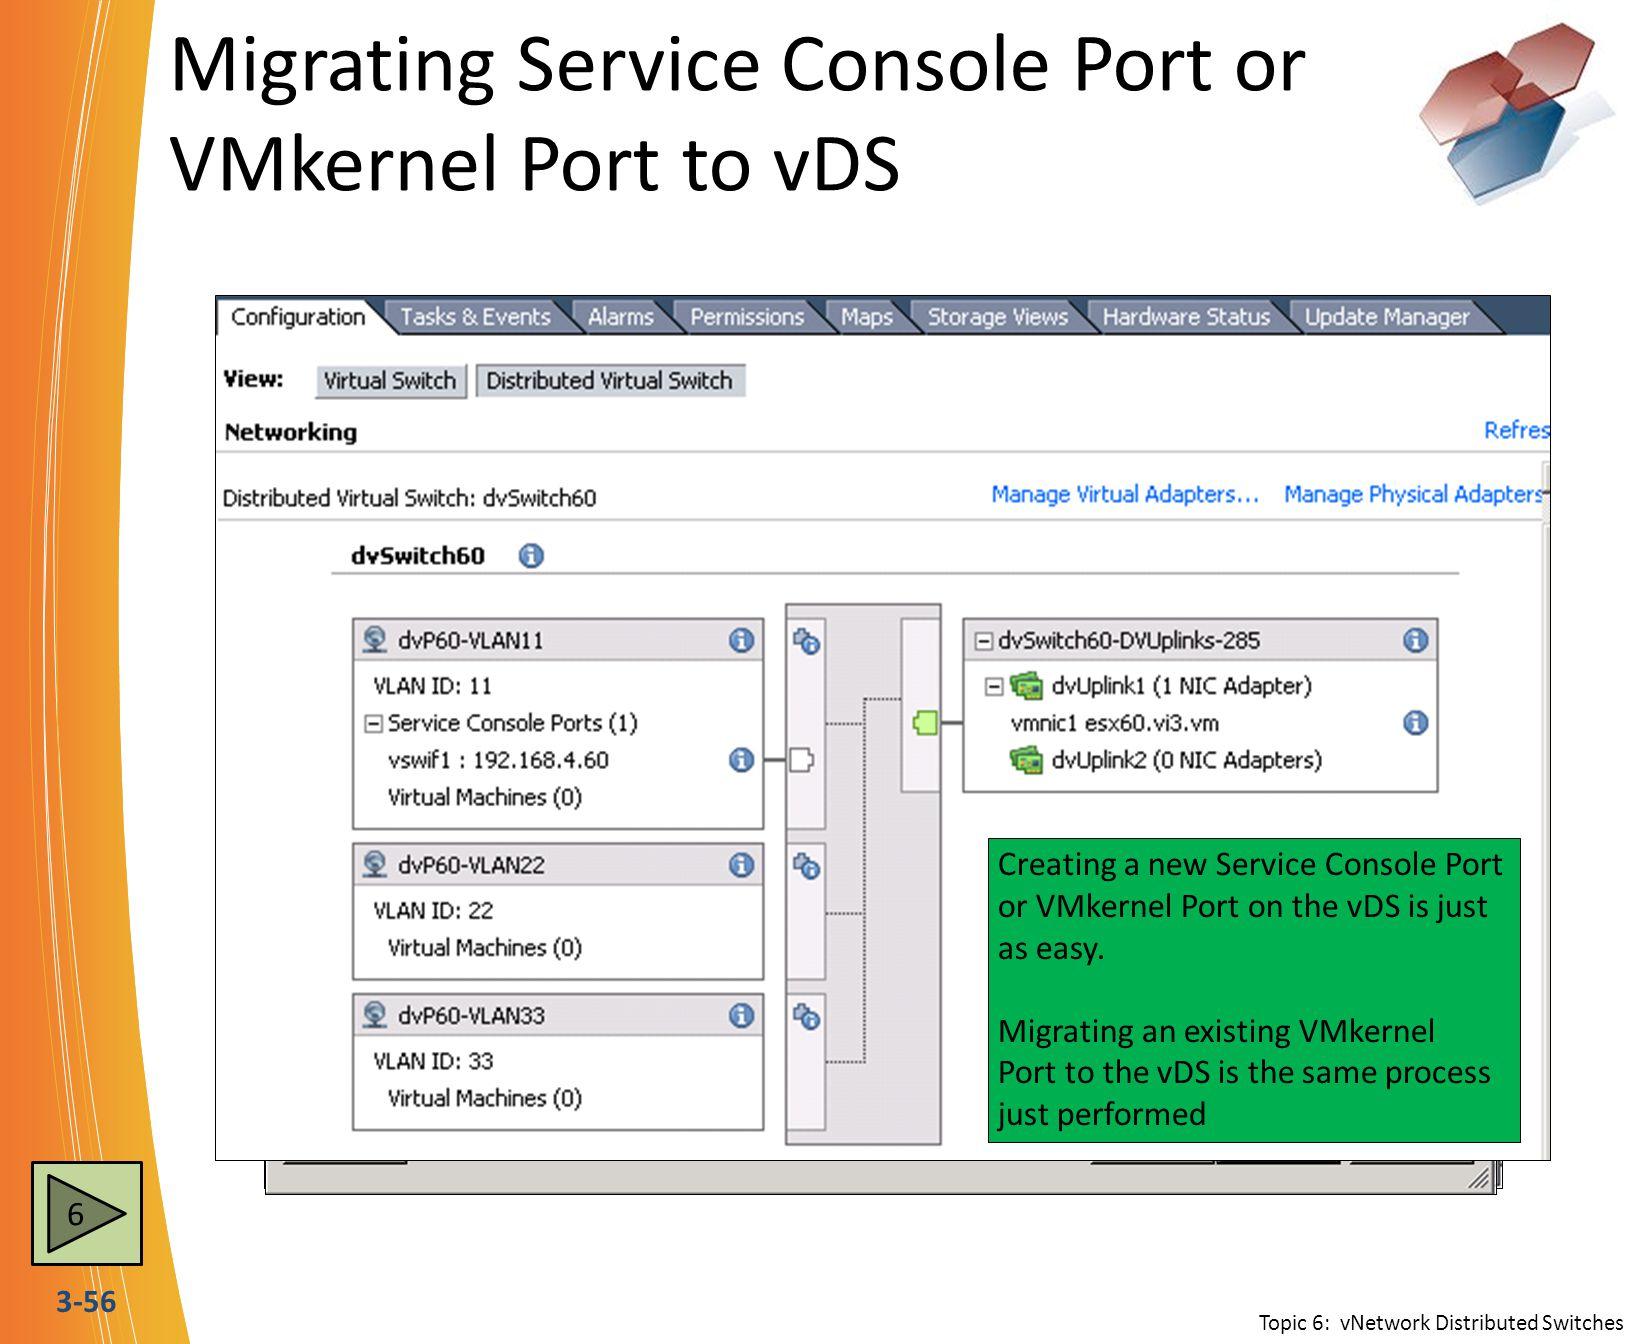 Migrating Service Console Port or VMkernel Port to vDS